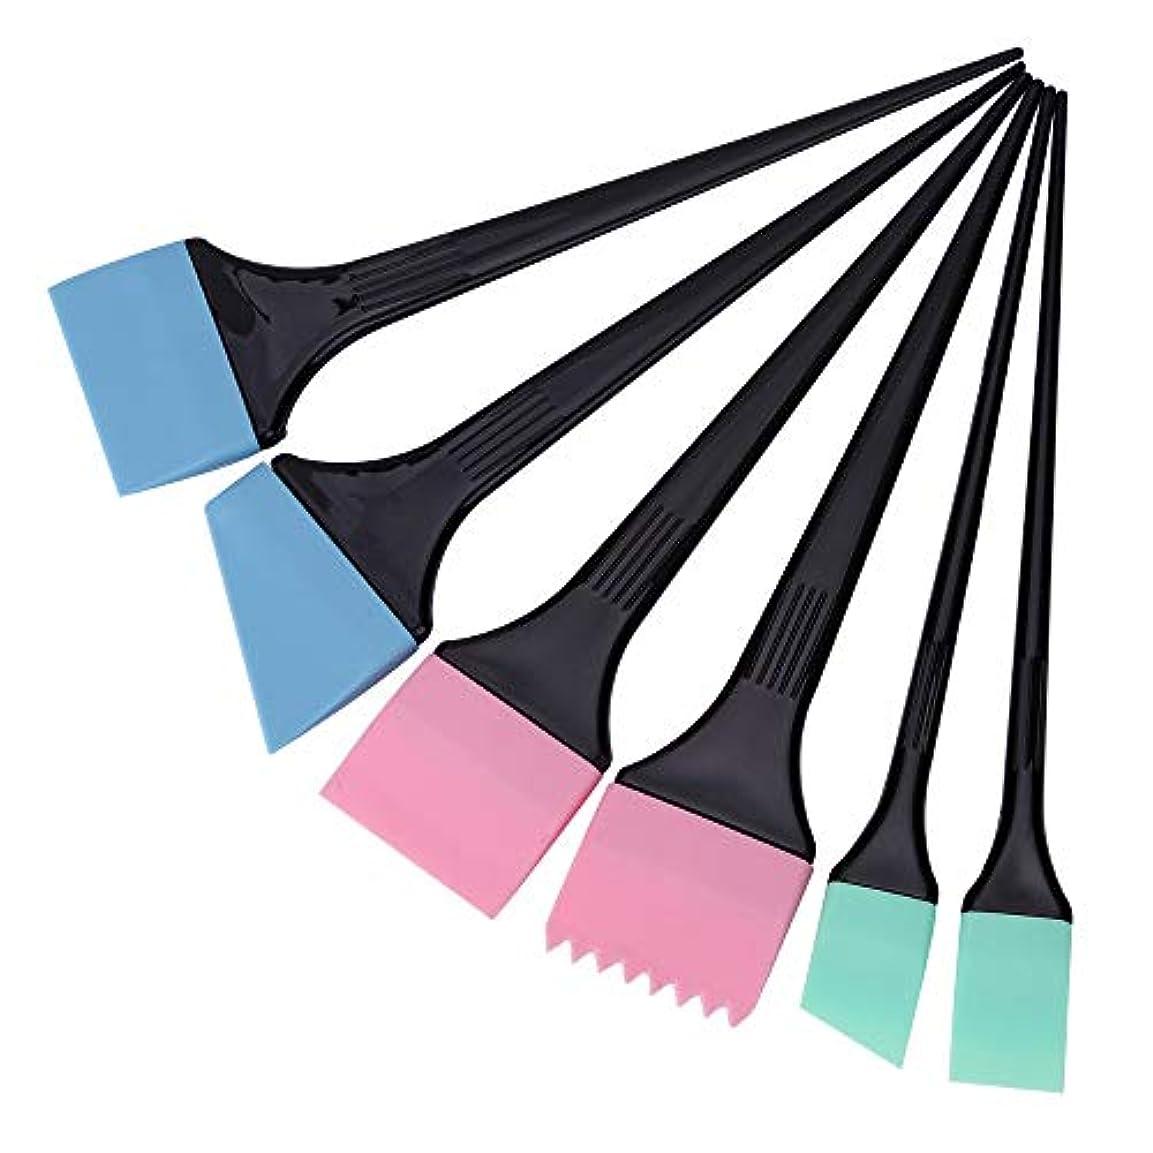 絞る活性化応援するヘアダイコーム&ブラシ 毛染めブラシ 6本/セット 着色櫛キット プロサロン 理髪スタイリングツール へアカラーセット グリーン